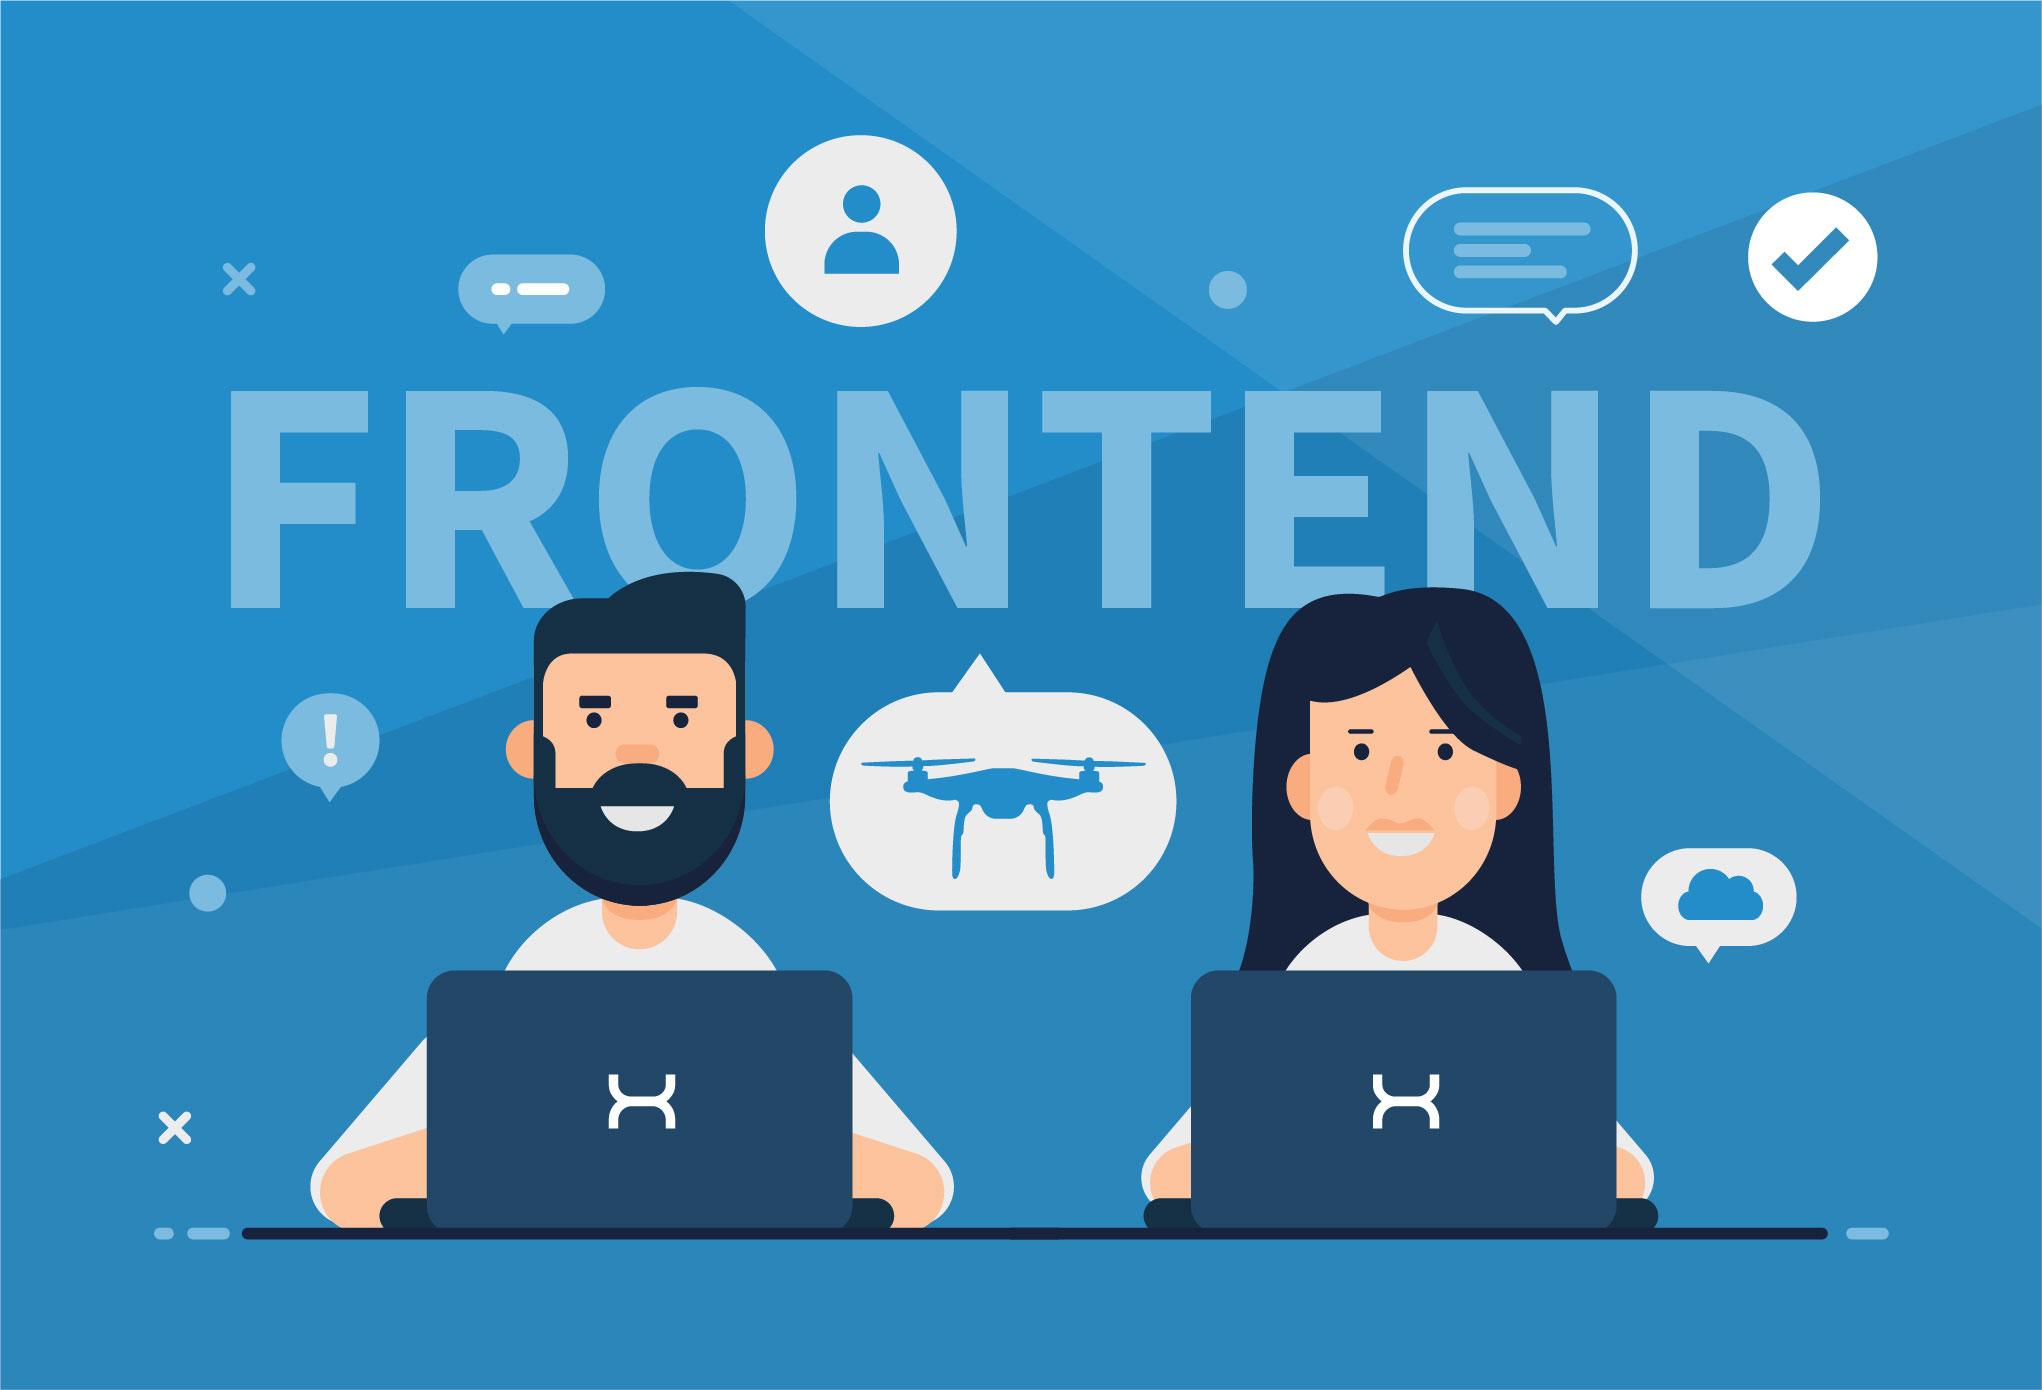 Frontend Software Job Career Code